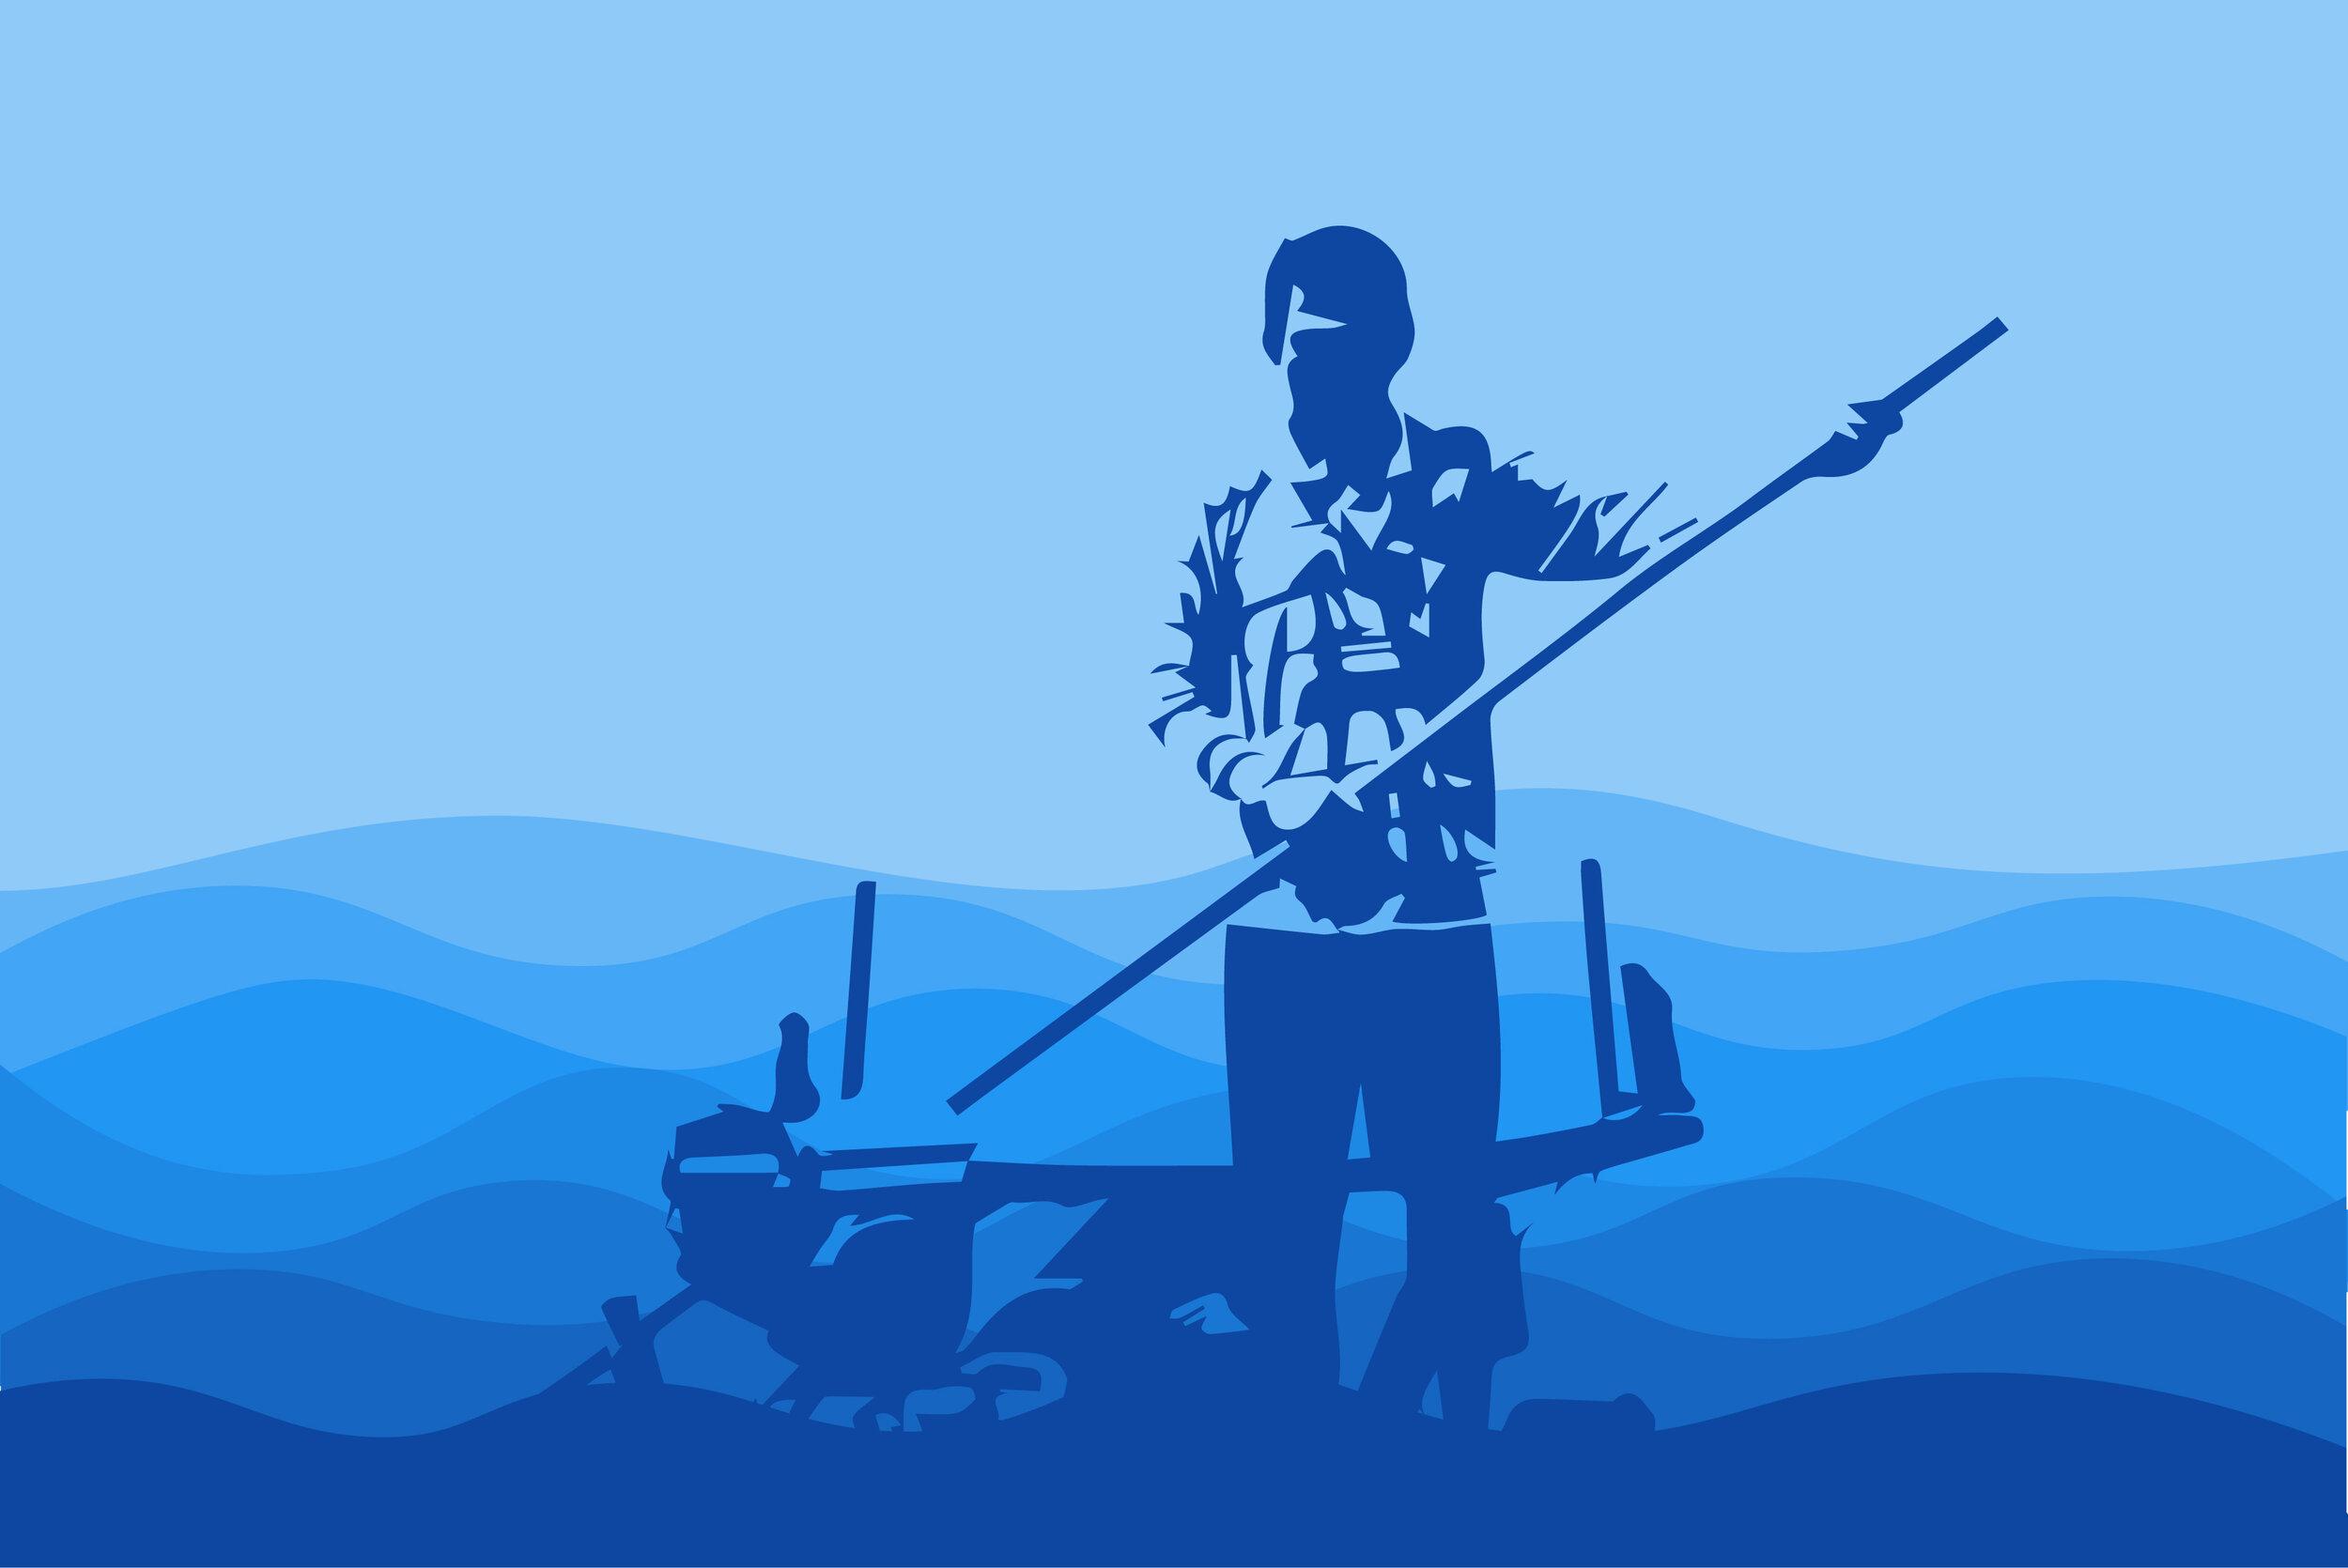 Pescador_do_Tempo-Bruna_Alves_Azul.jpg